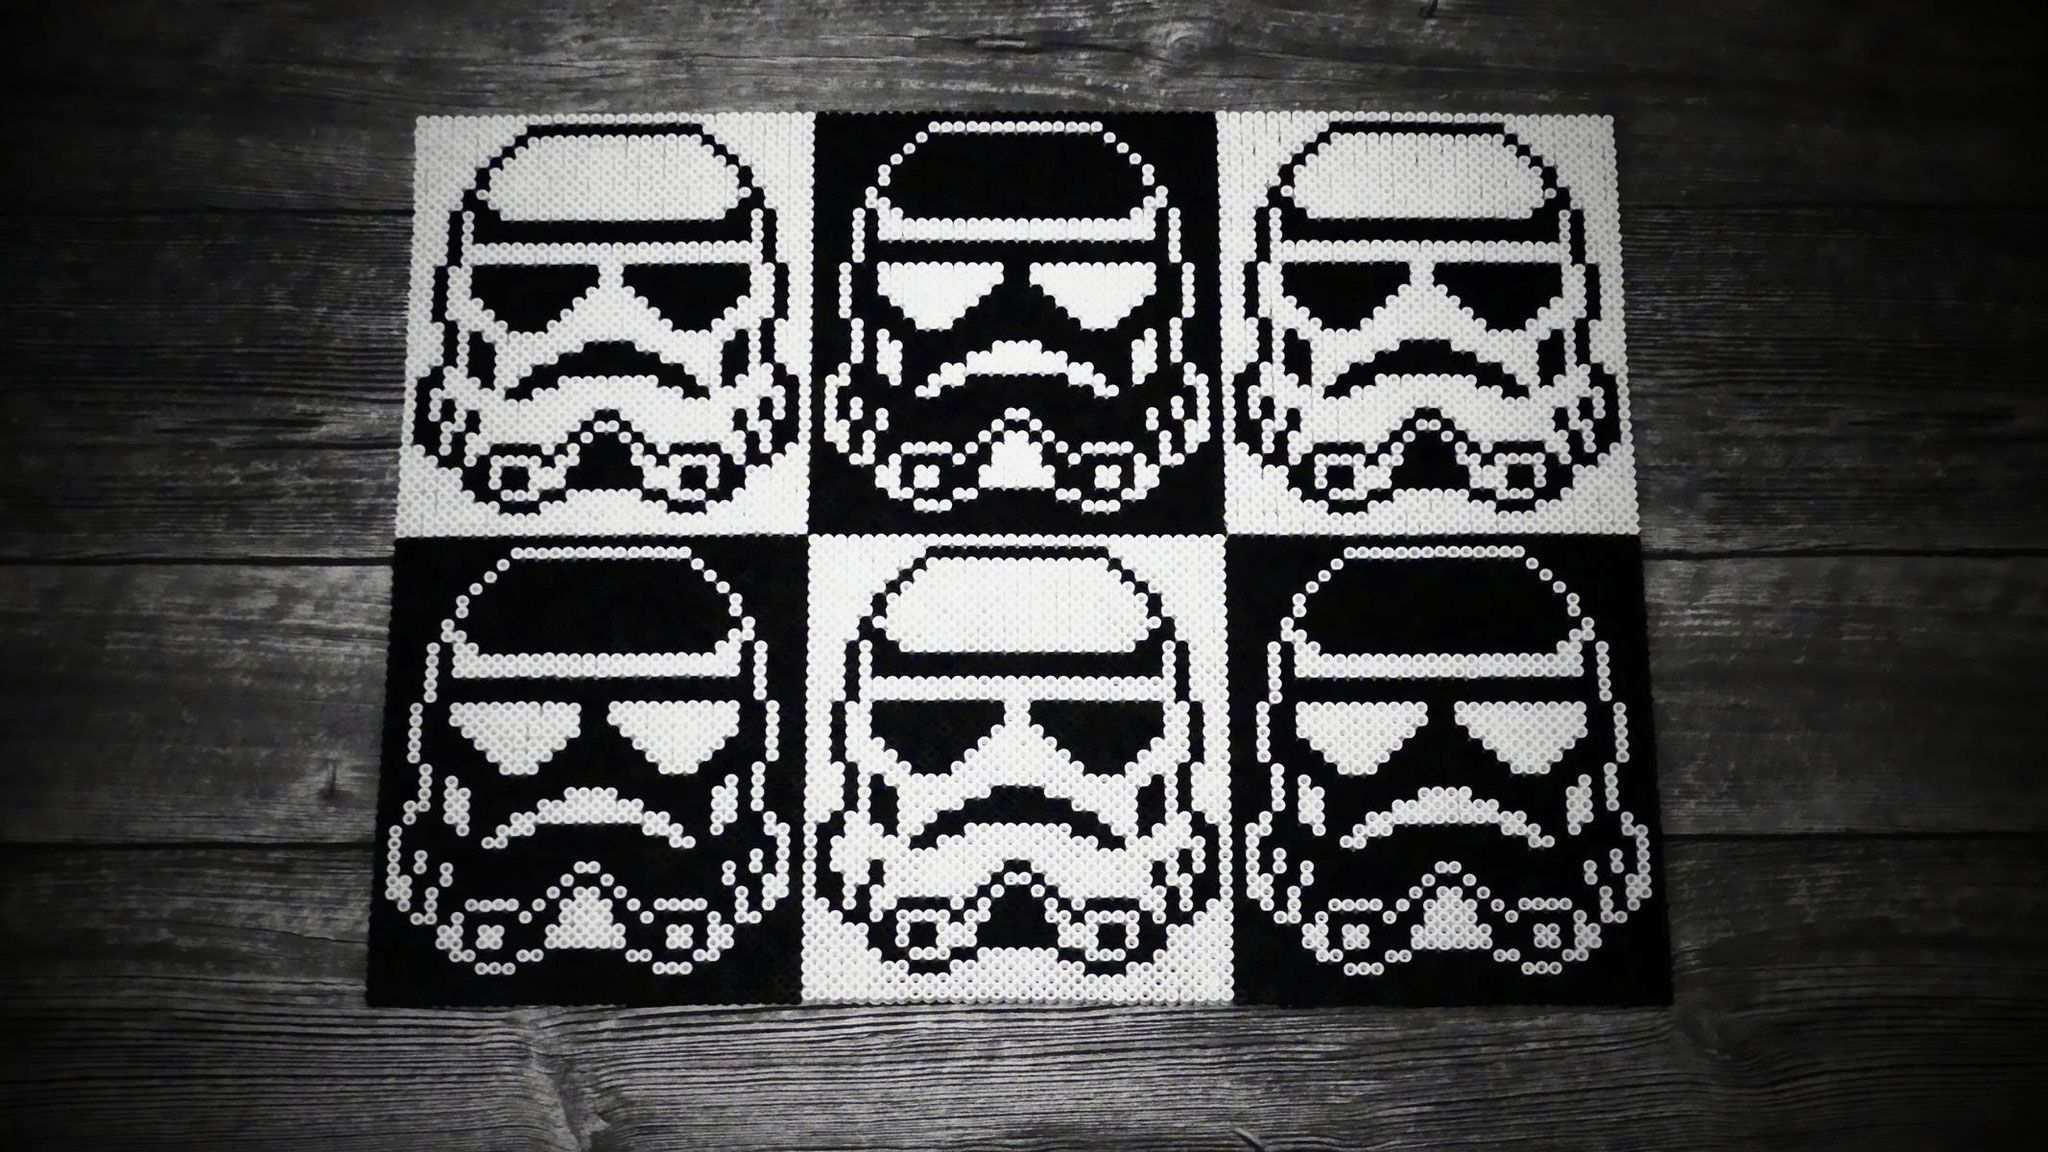 Bugelperlen Stormtrooper Star Wars Bugelperlen Basteln Bugelperlen Hama Bugelperlen